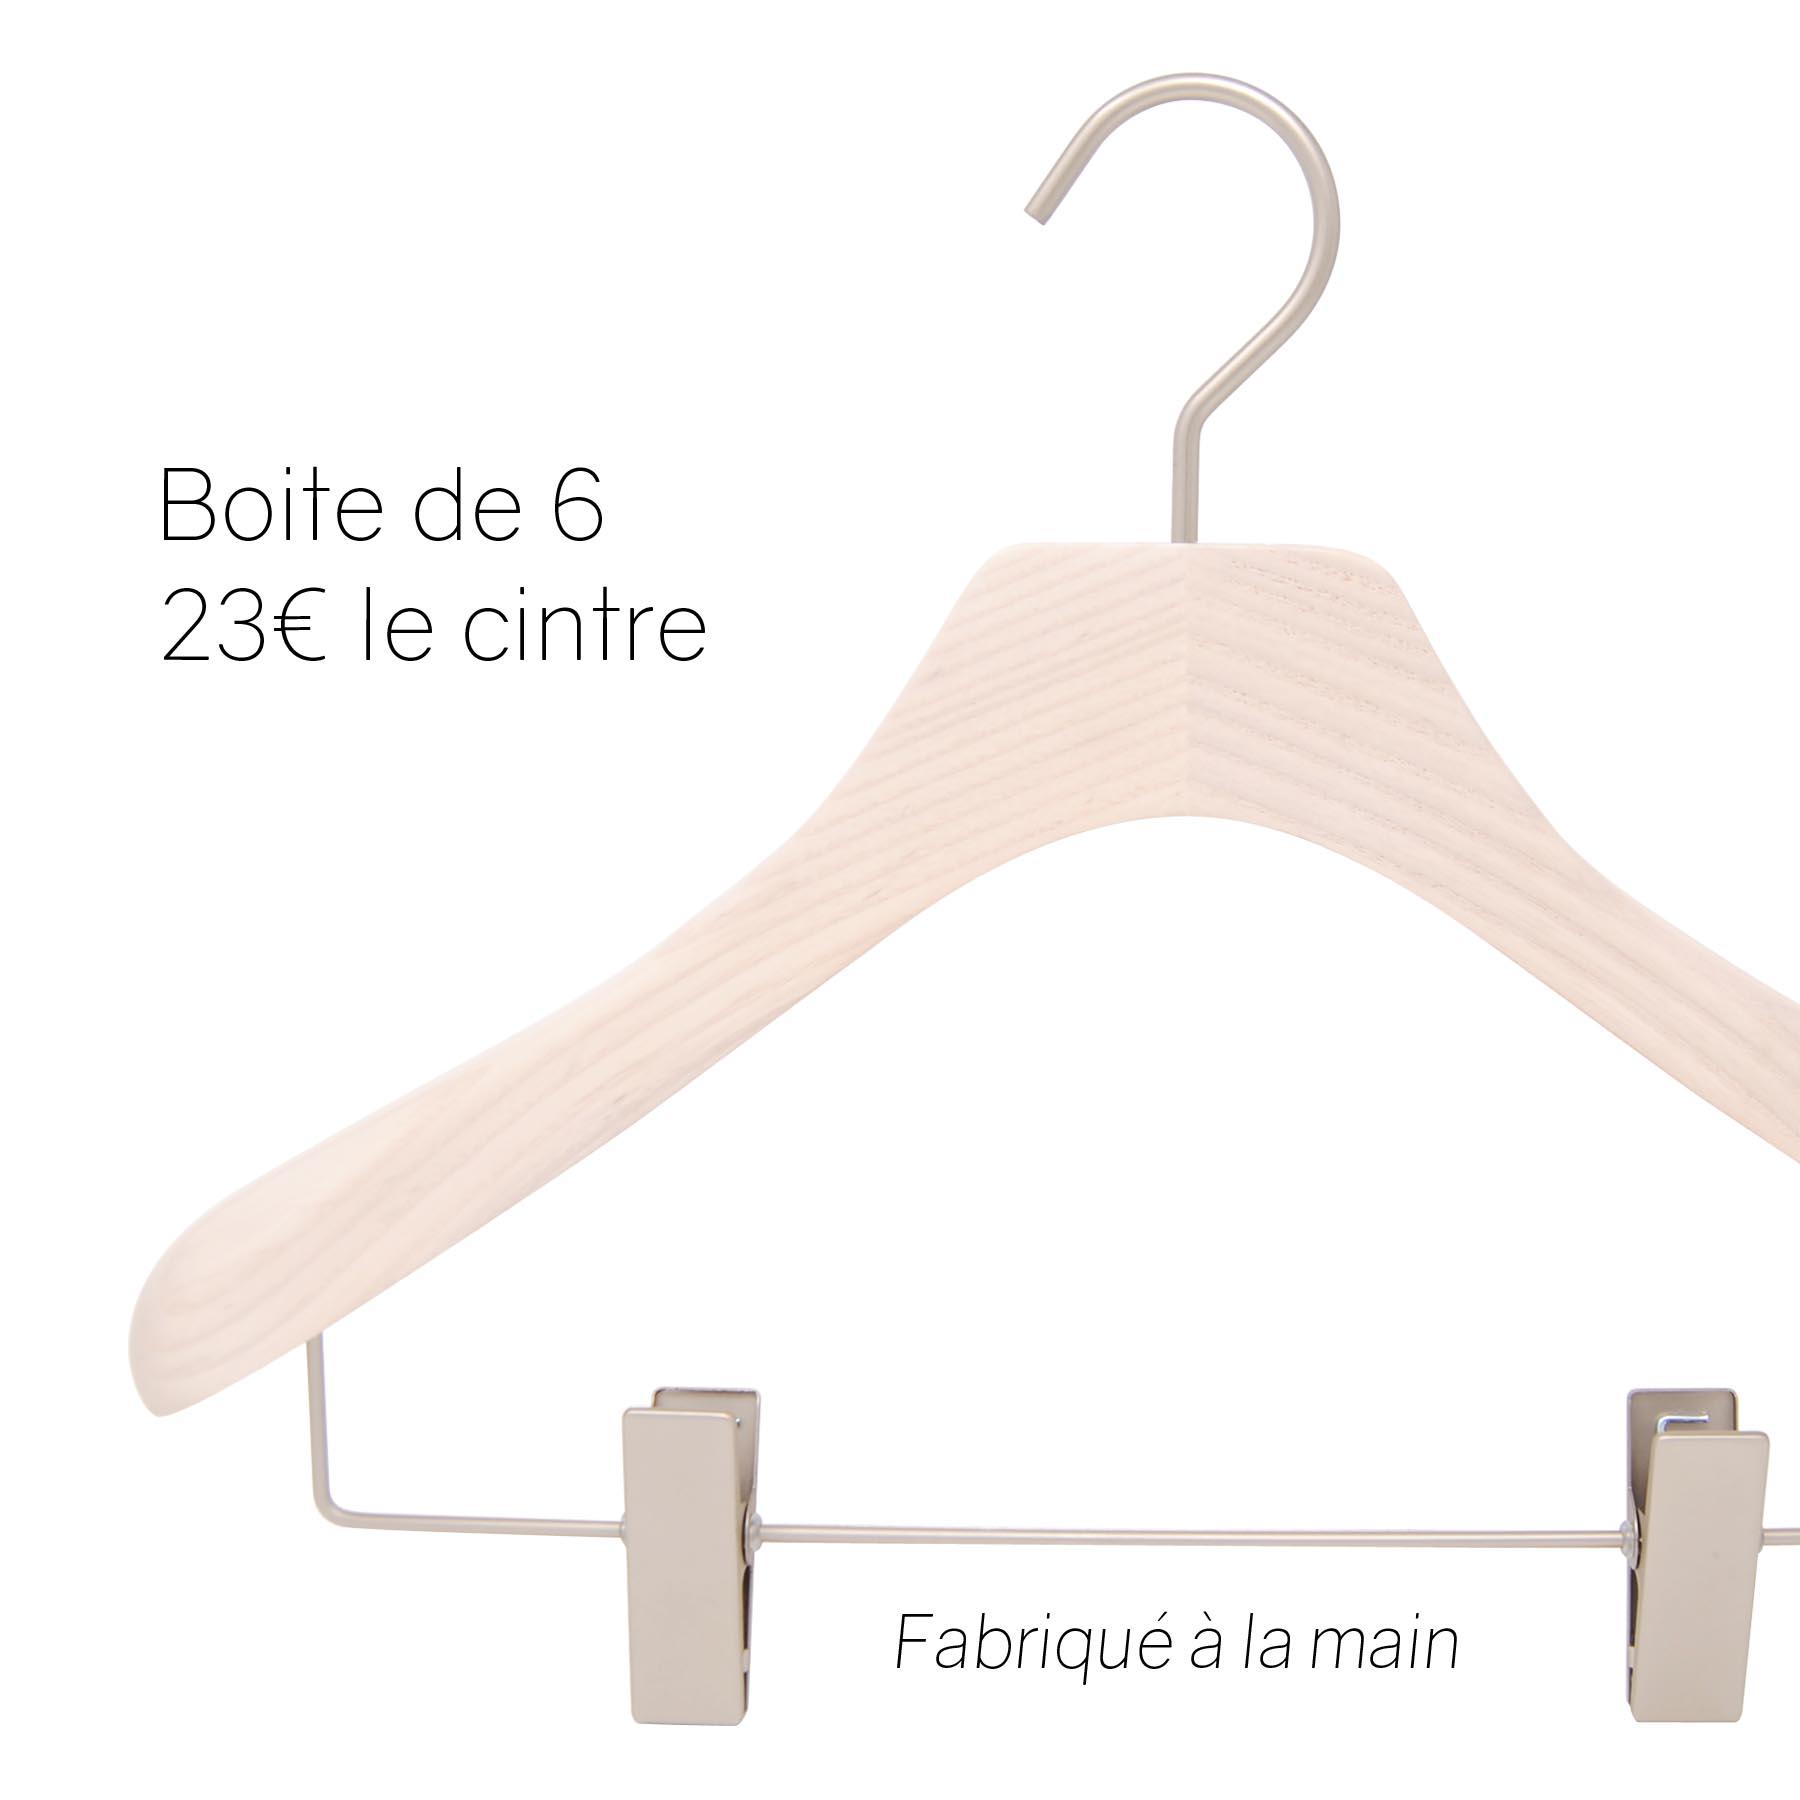 cintres en bois de luxe pour tailleur, veste, jupe et pantalon avec pinces